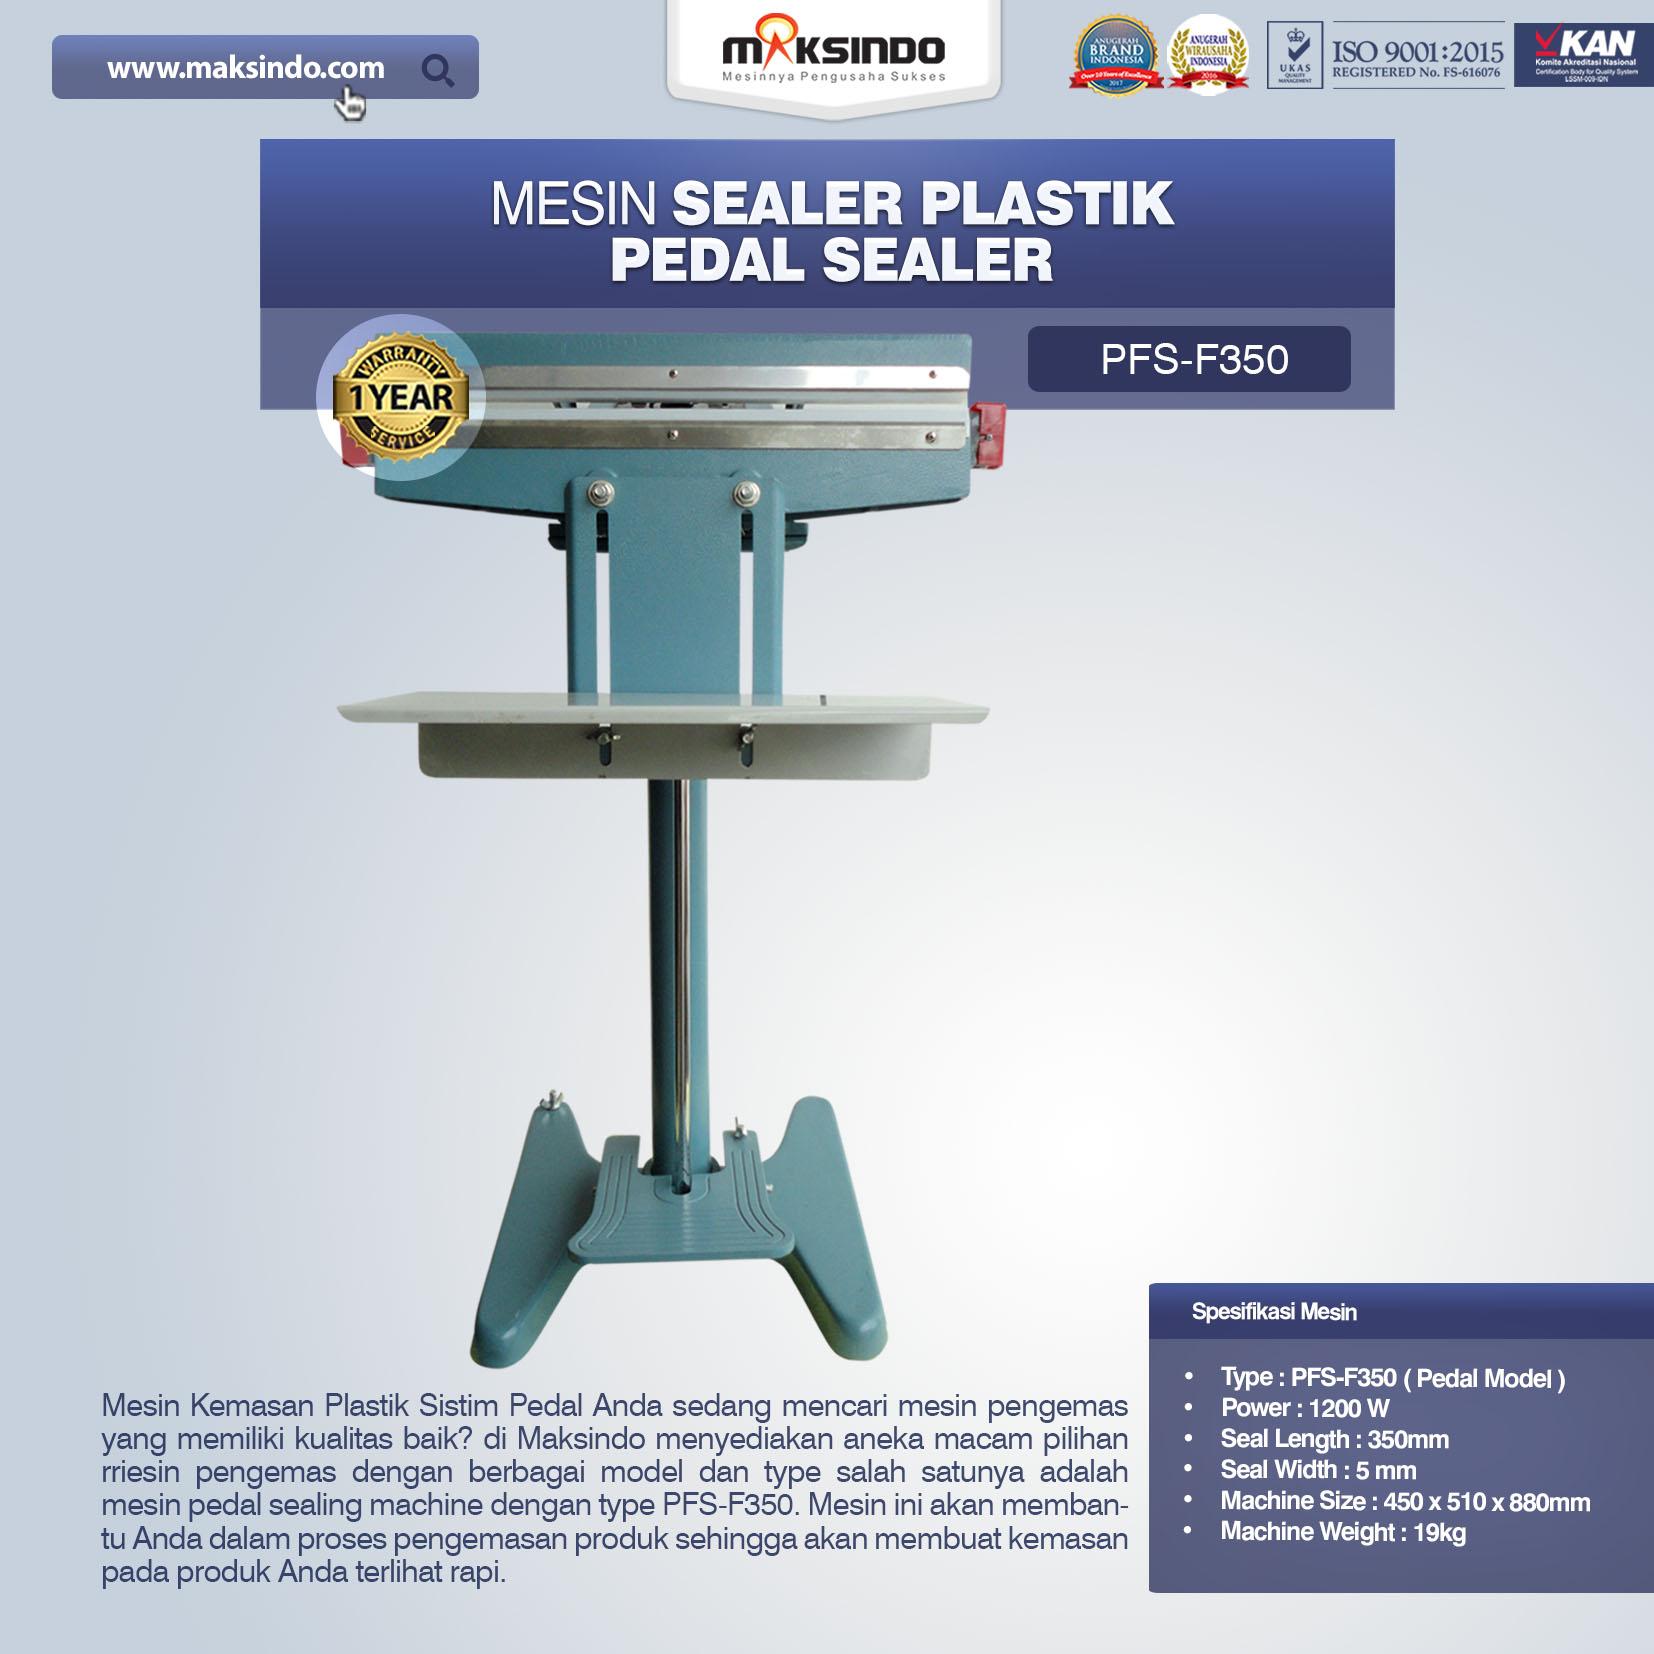 Jual Pedal Sealing Machine (PFS-F350) di Semarang